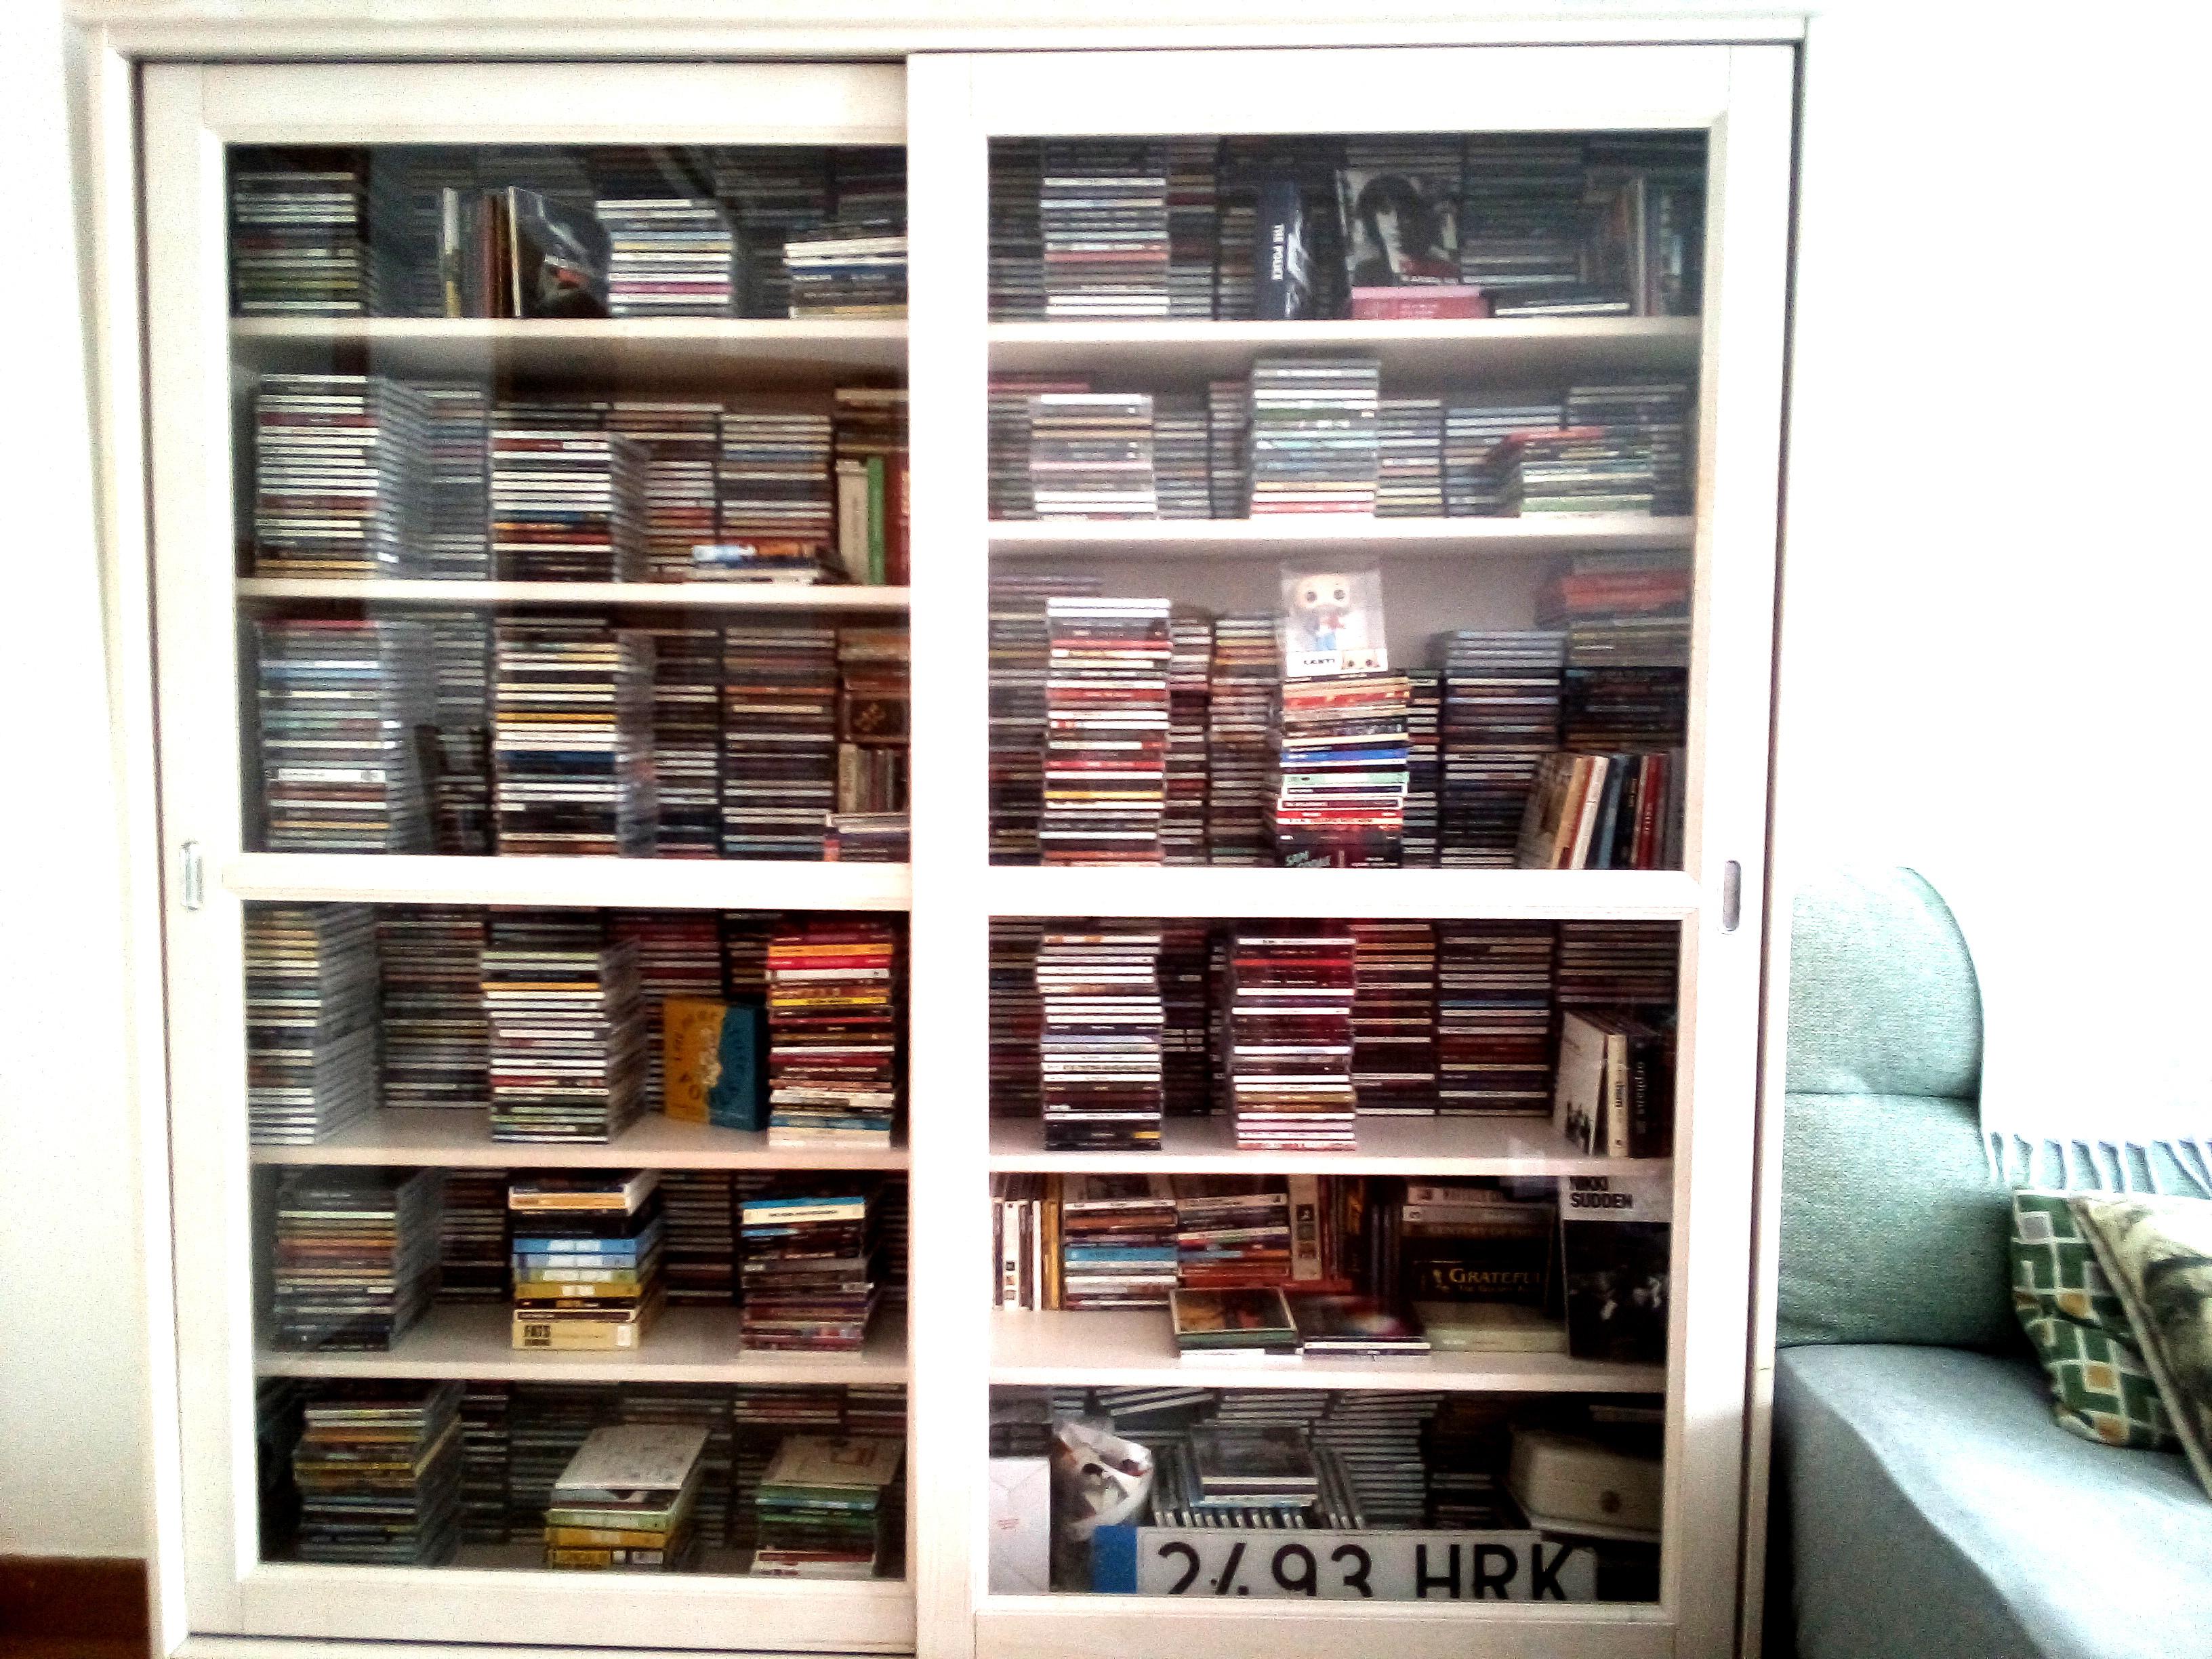 ¿Te arrepientes del dinero y tiempo invertidos en tu colección de discos? - Página 17 Bada9e4c8f1ae7790012e4ef62d046c9o